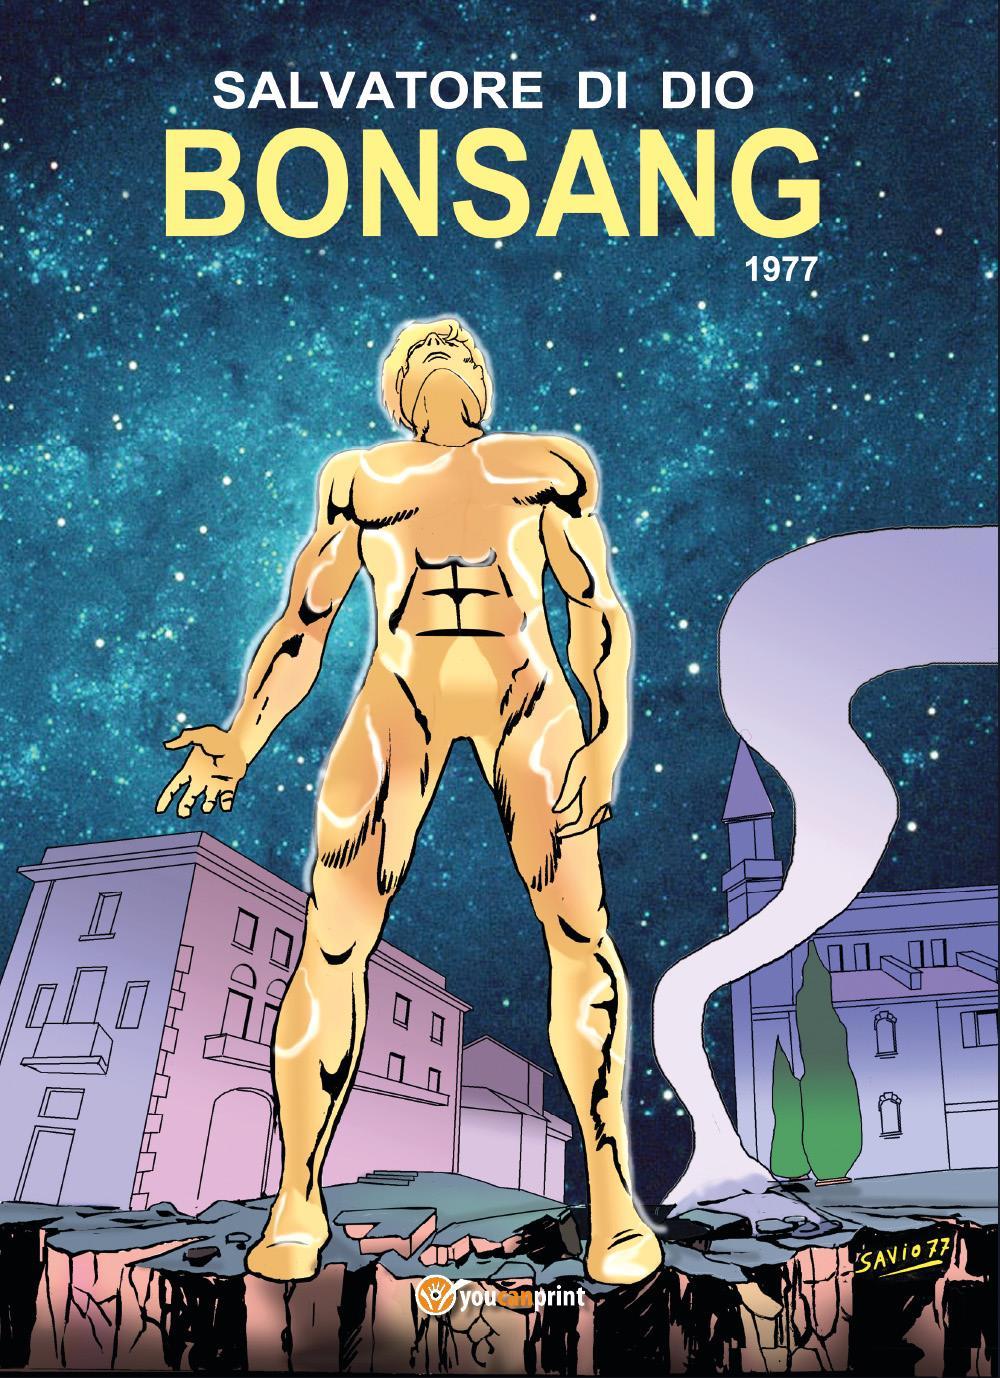 Bonsang